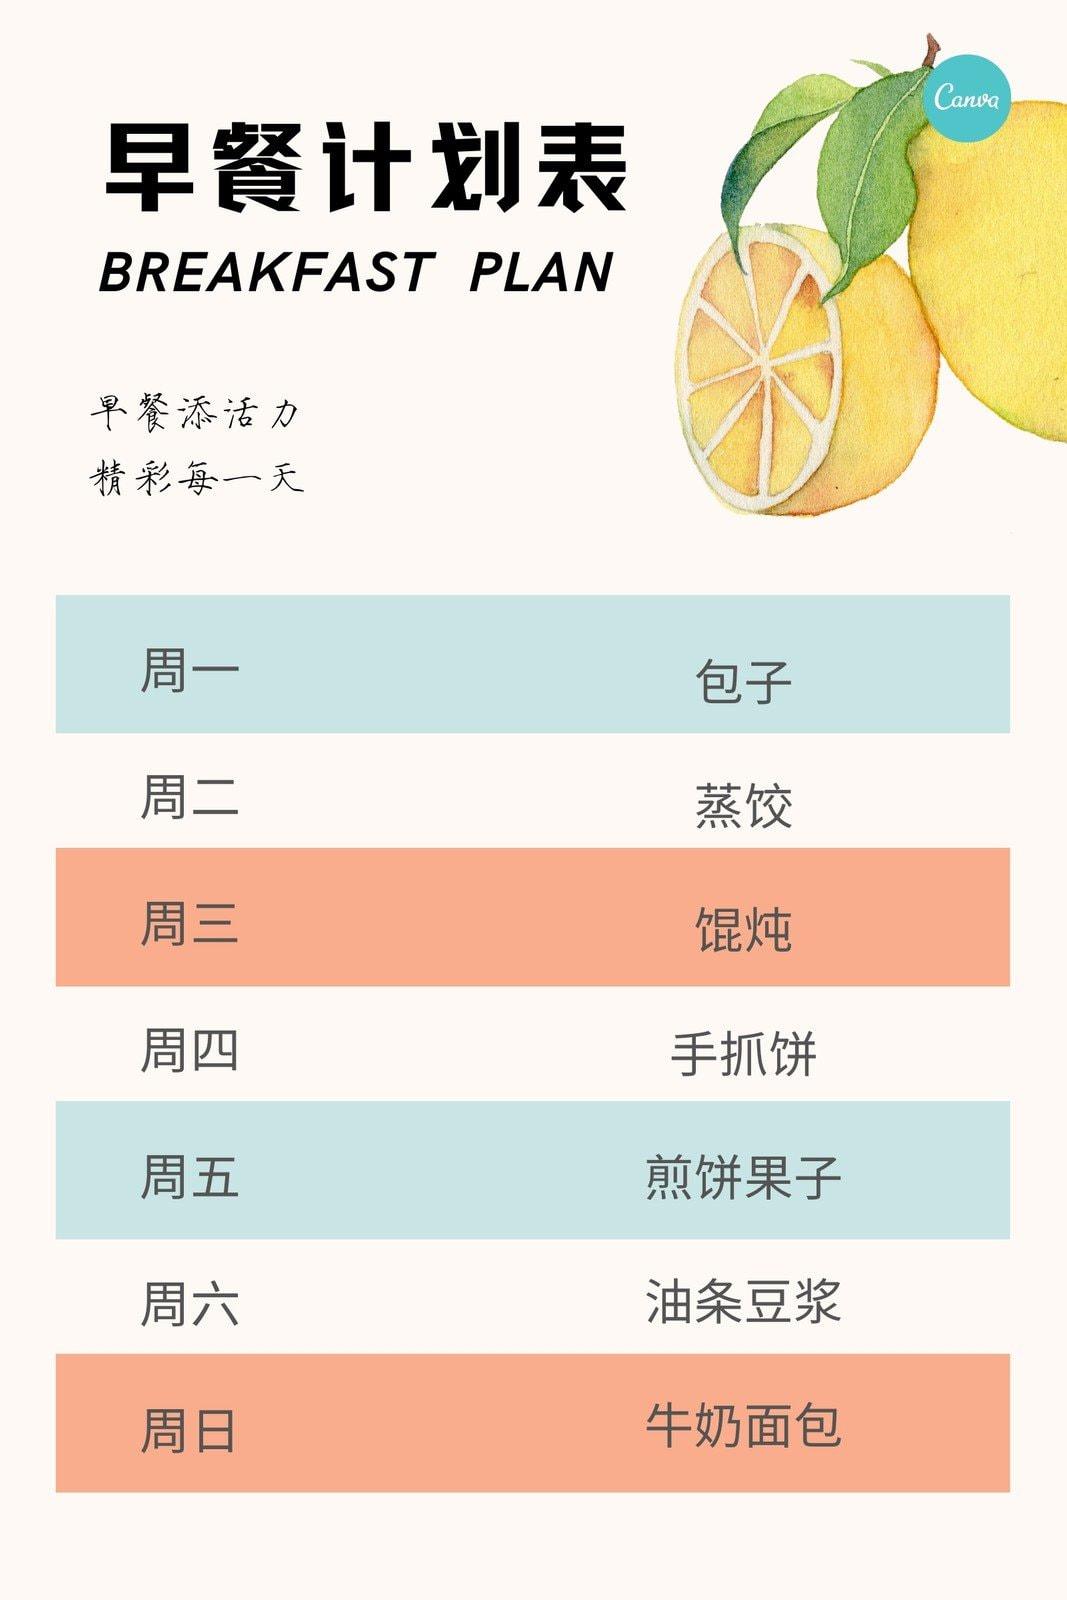 蓝橙色柠檬手绘个人分享中文计划表